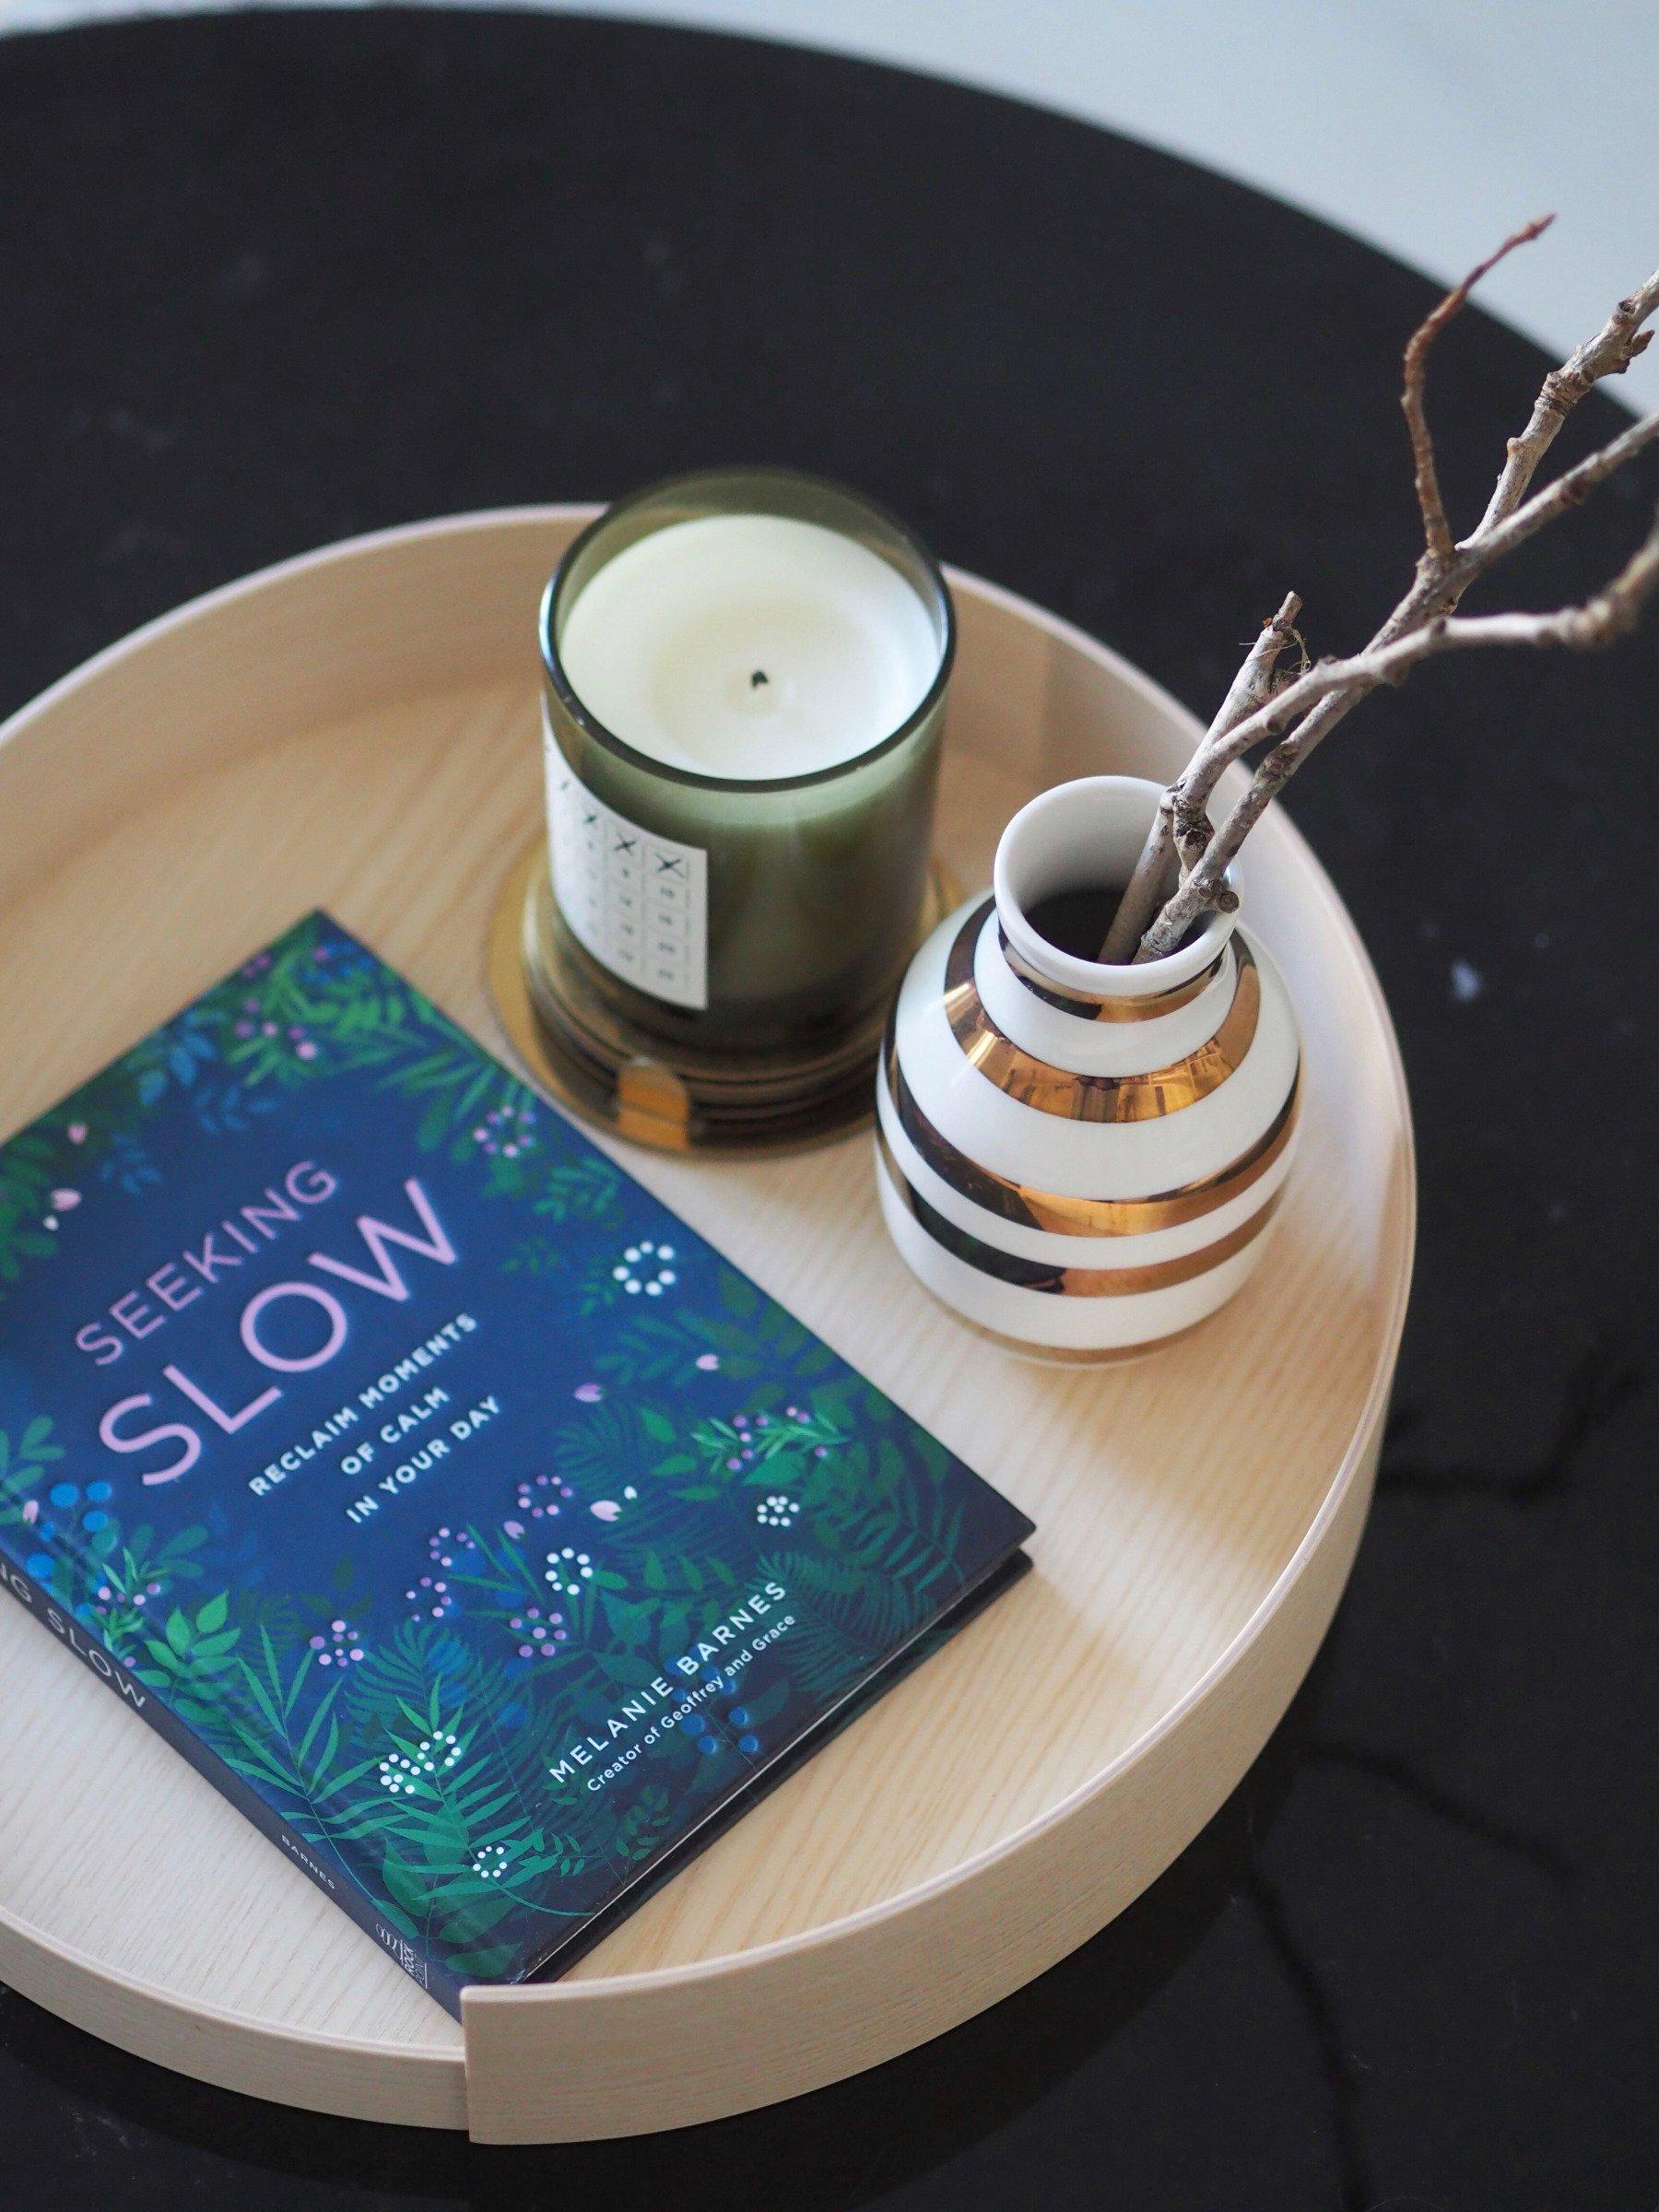 ThatScandinavianFeeling seeking slow book cozy gift guide